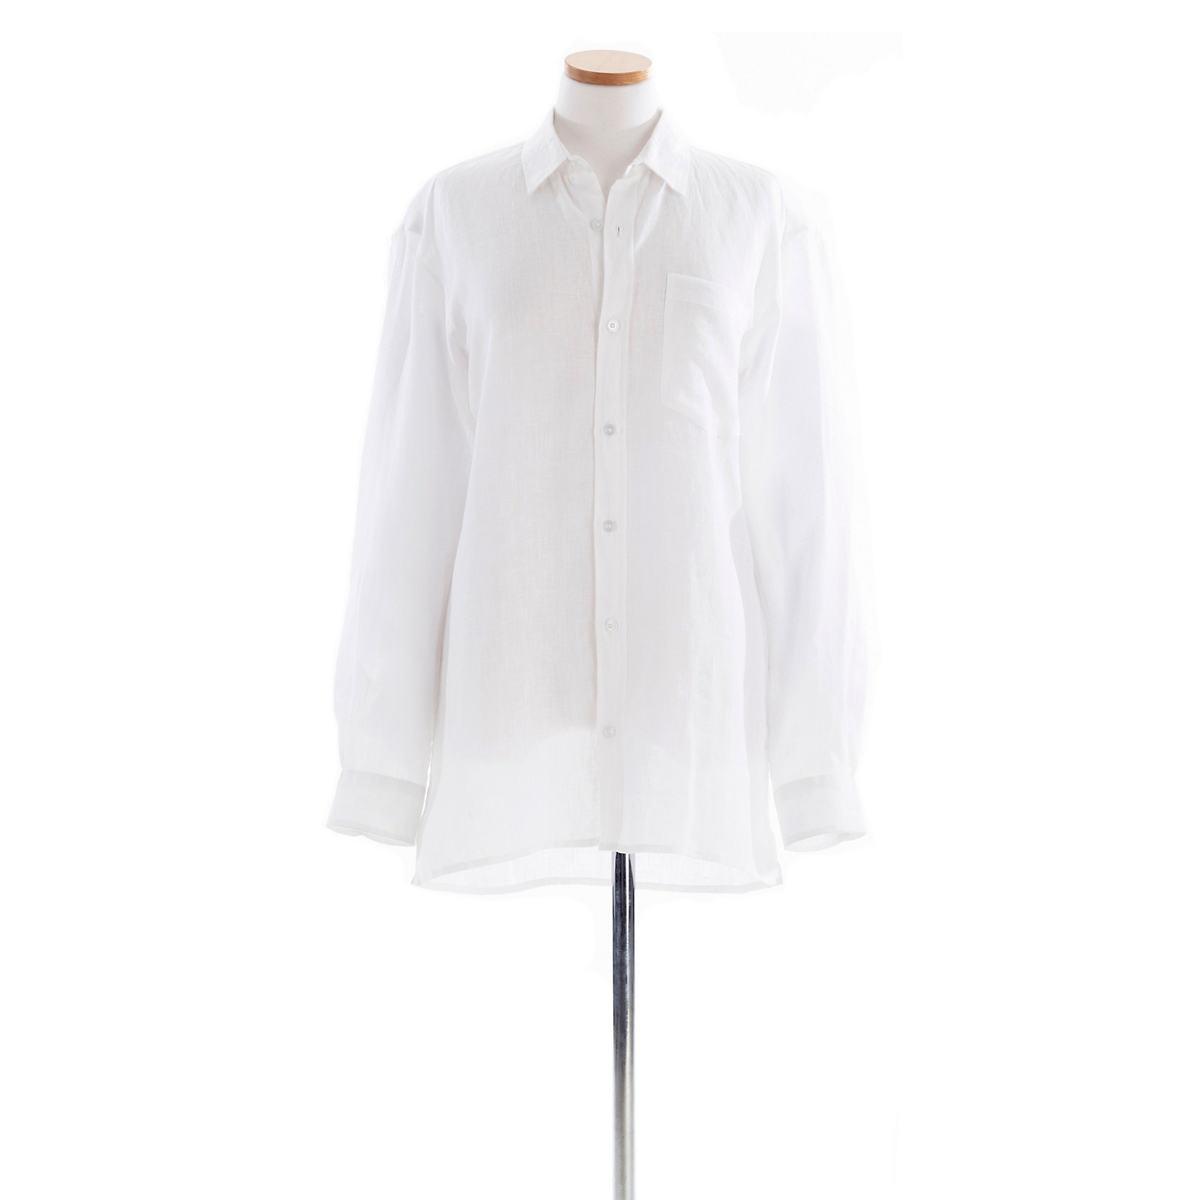 Reese Linen White Shirt